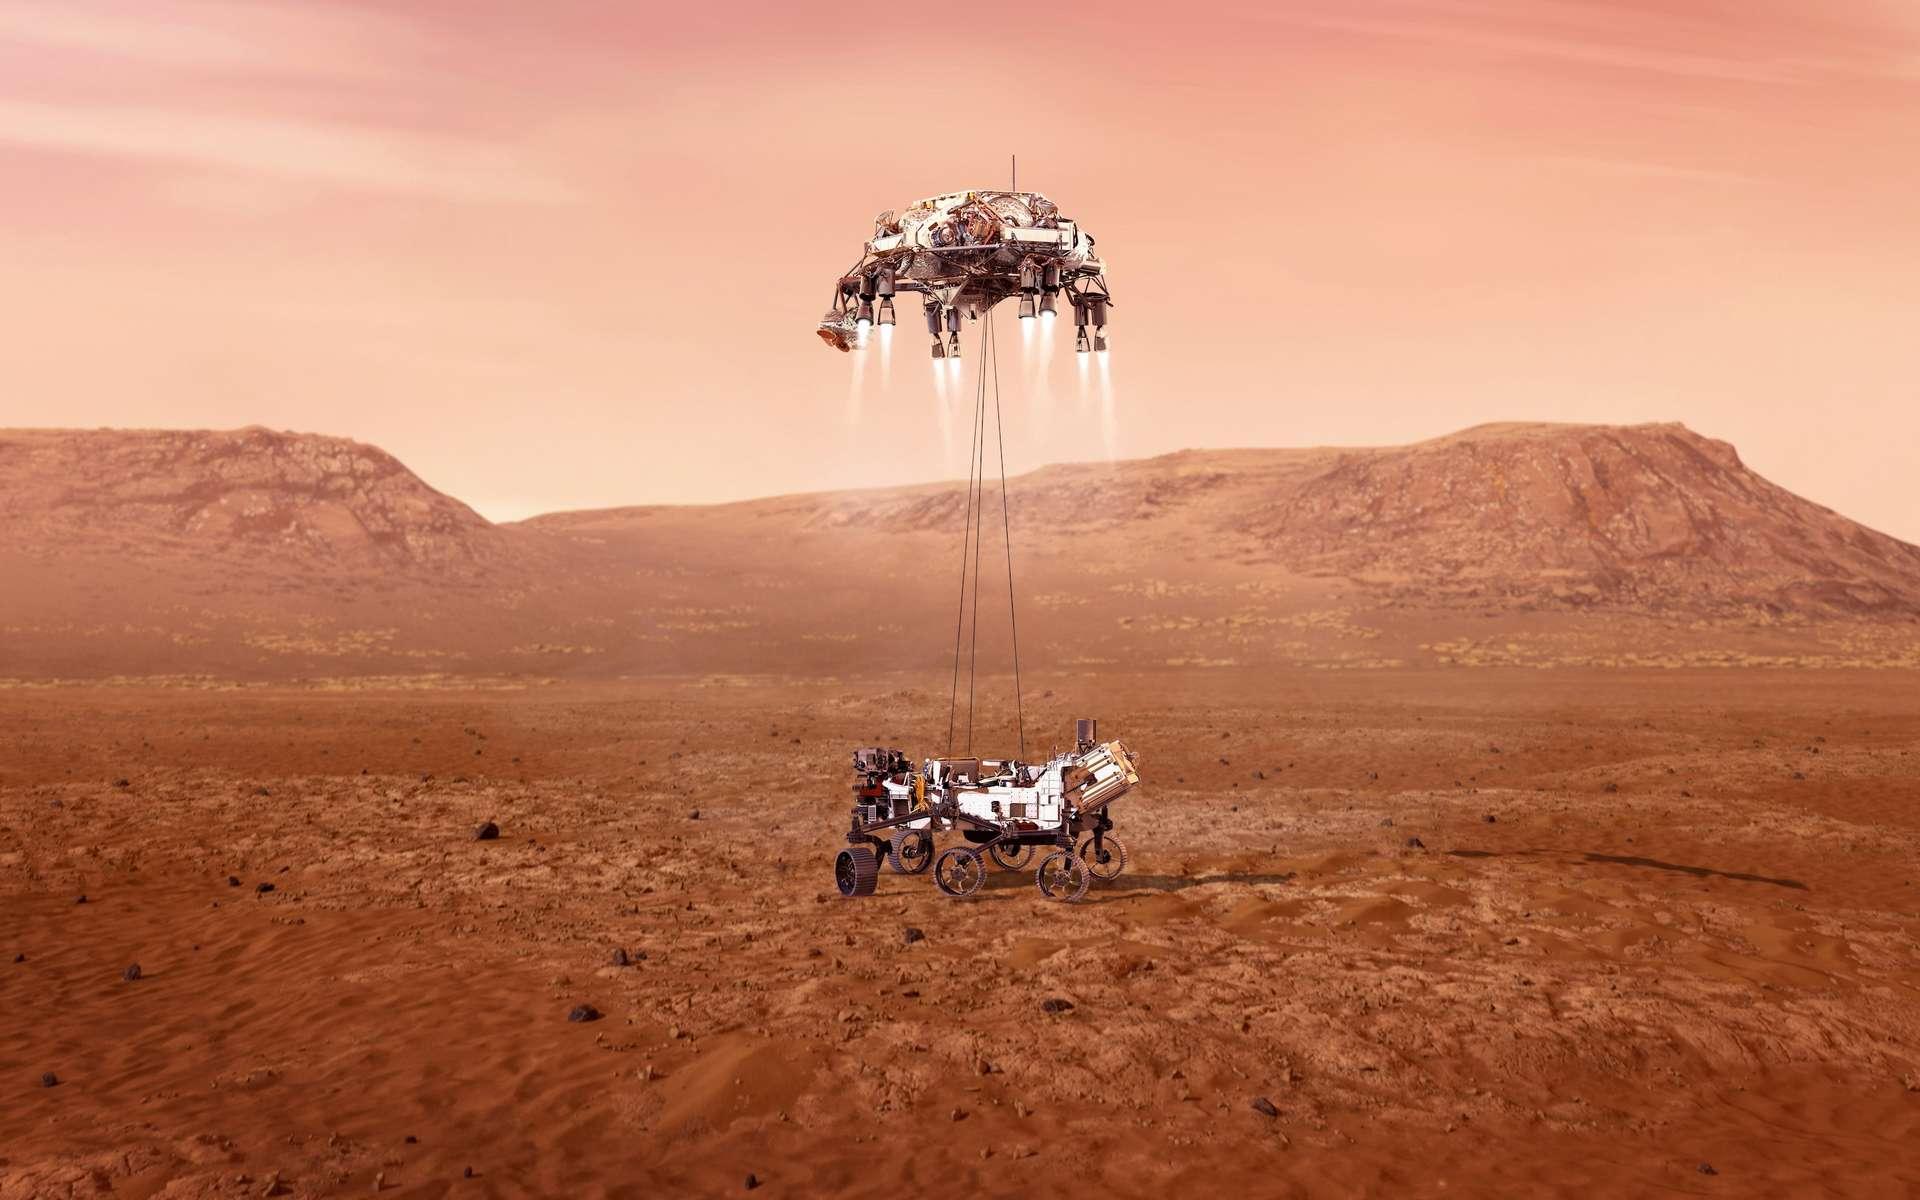 Les « sept minutes de terreur » du rover Perseverance décryptées avec Olivier Sanguy - Futura